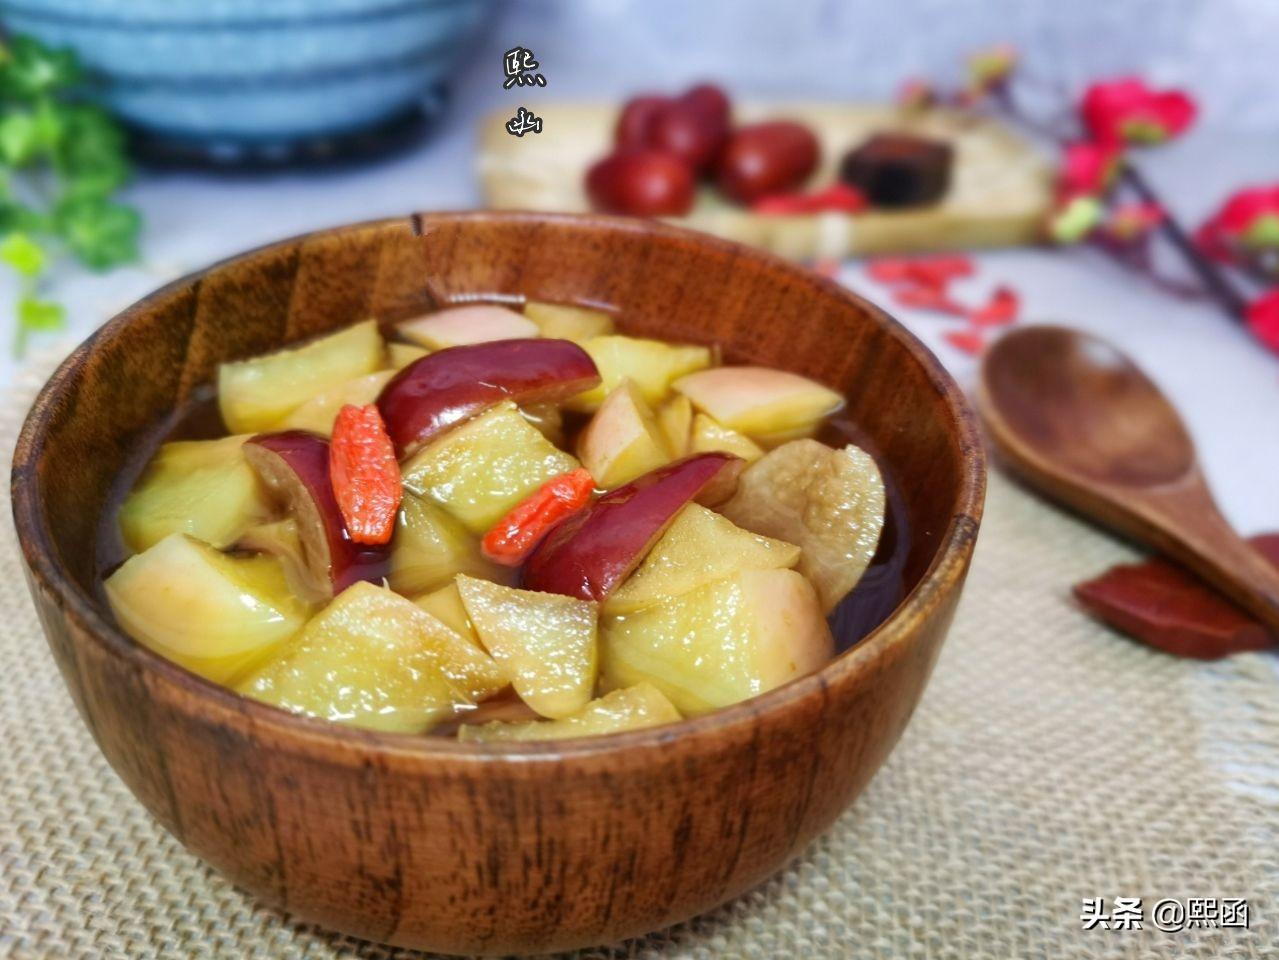 春天,把苹果和红枣一起煮,隔三差五喝几次,作用真不小 美食做法 第3张